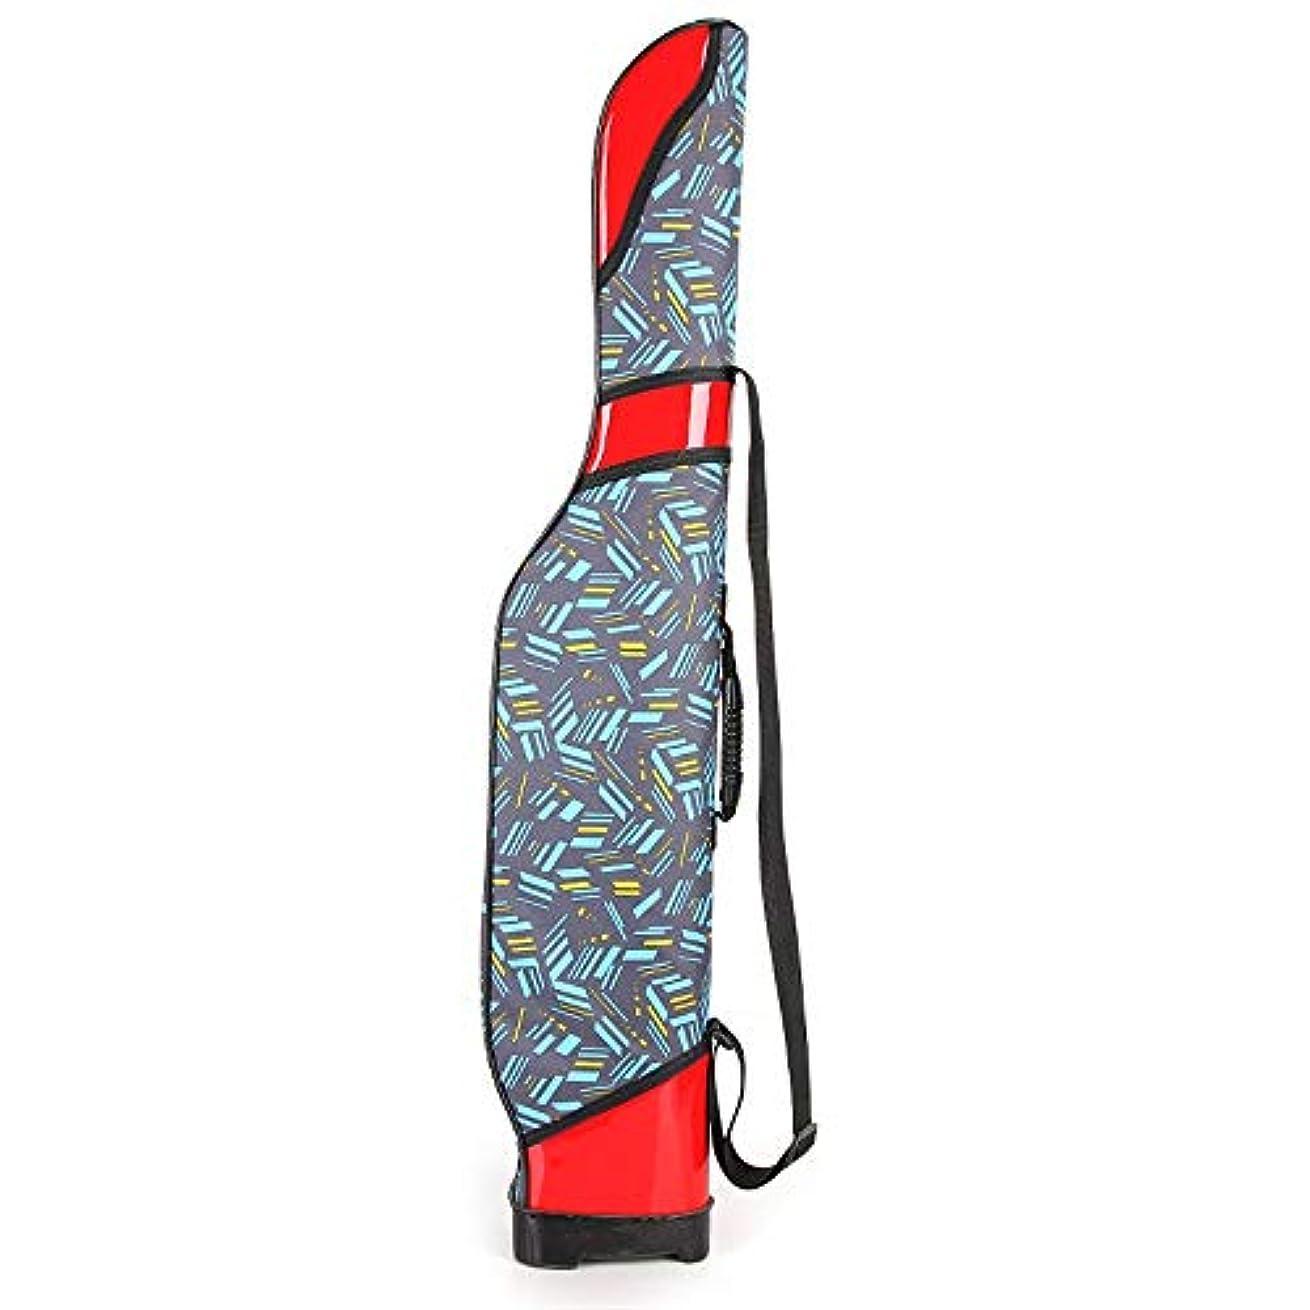 誤解を招く電気的はがき釣りバッグ 折りたたみ釣り竿ケース釣り道具収納袋ポータブル釣り竿キャリア90センチ 多機能 (Color : Blue, Size : 90cm)